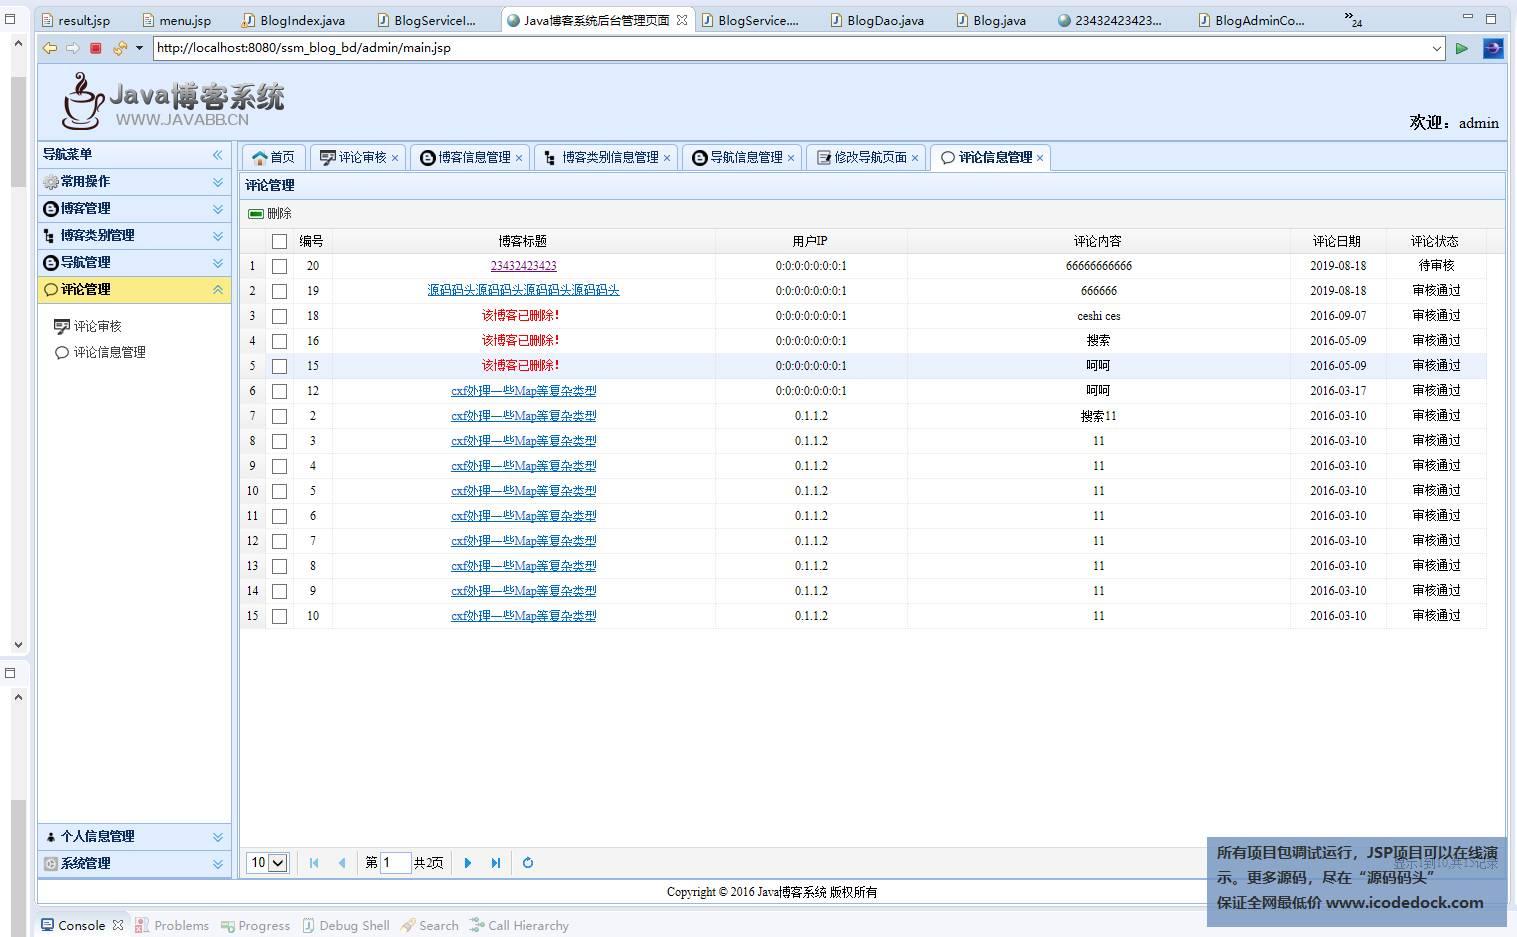 源码码头-SSM个人博客管理系统-管理员角色-评论增删改查